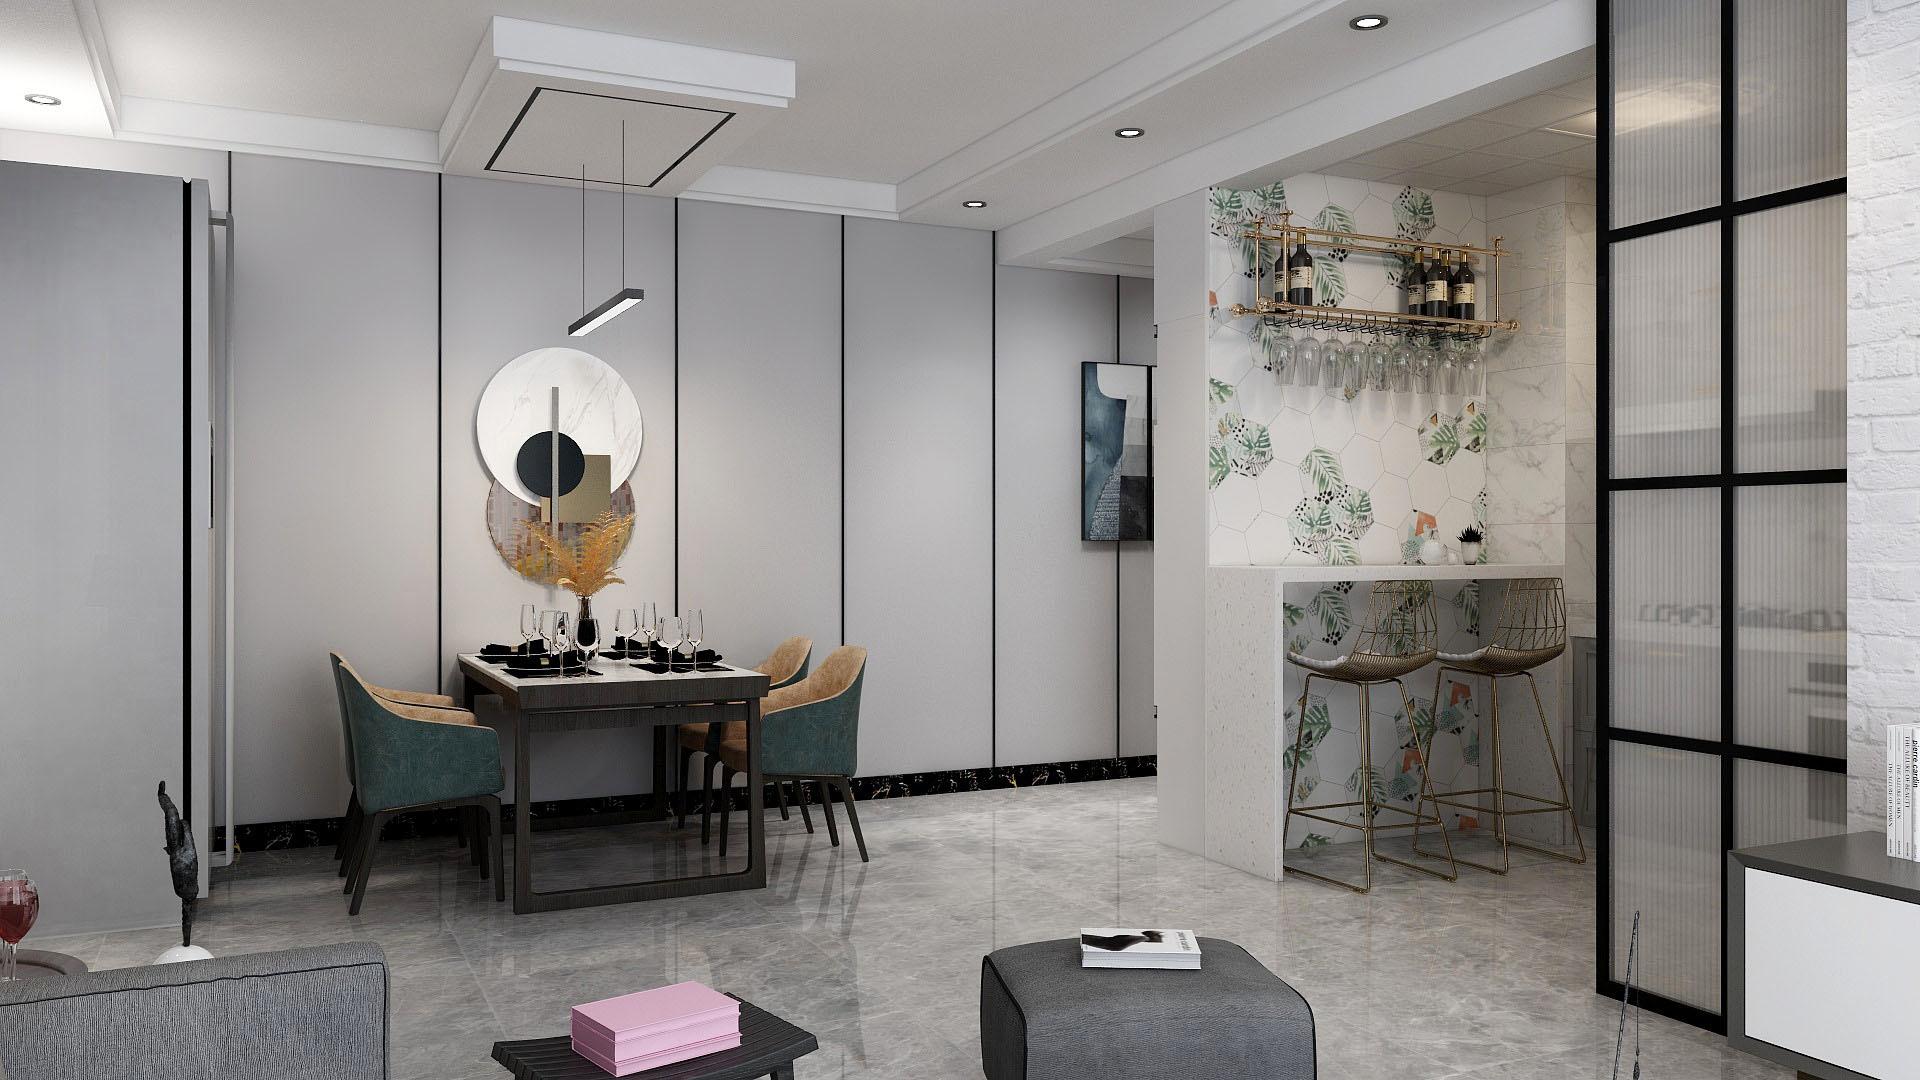 张家口装修案例维多利亚108平米 现代风格